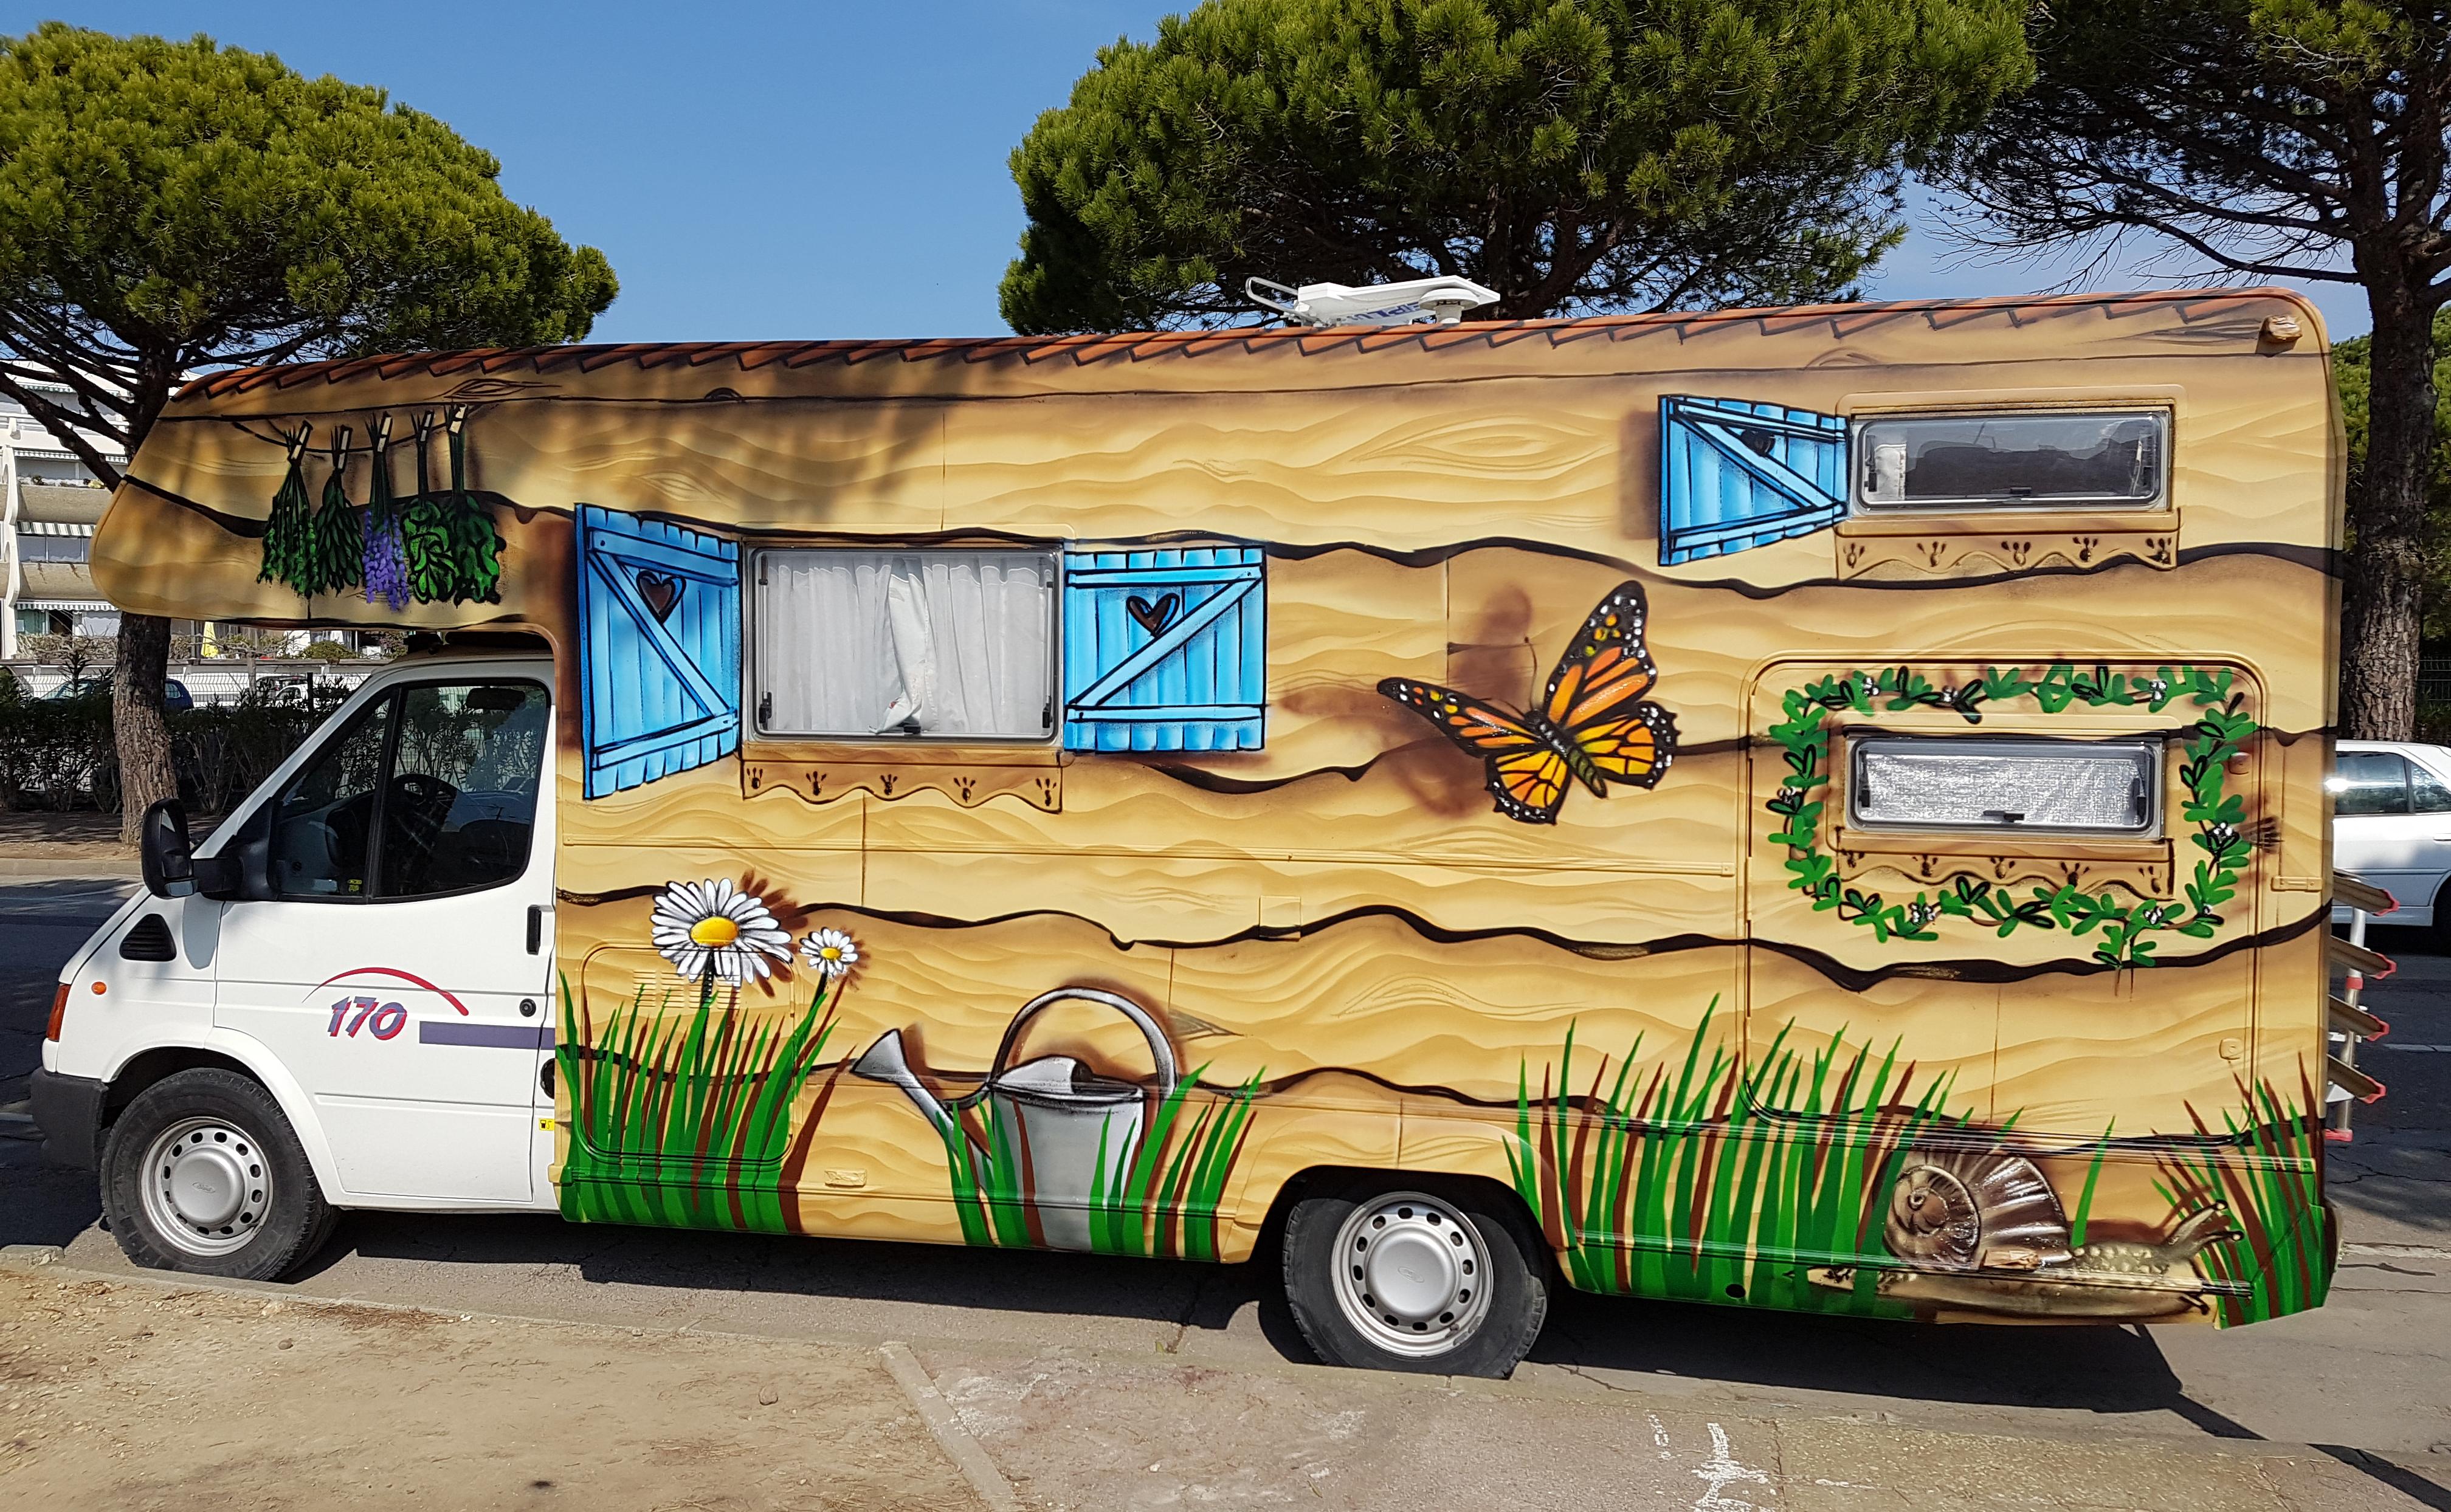 le camping car mylene d coration sur la cellule d 39 un. Black Bedroom Furniture Sets. Home Design Ideas